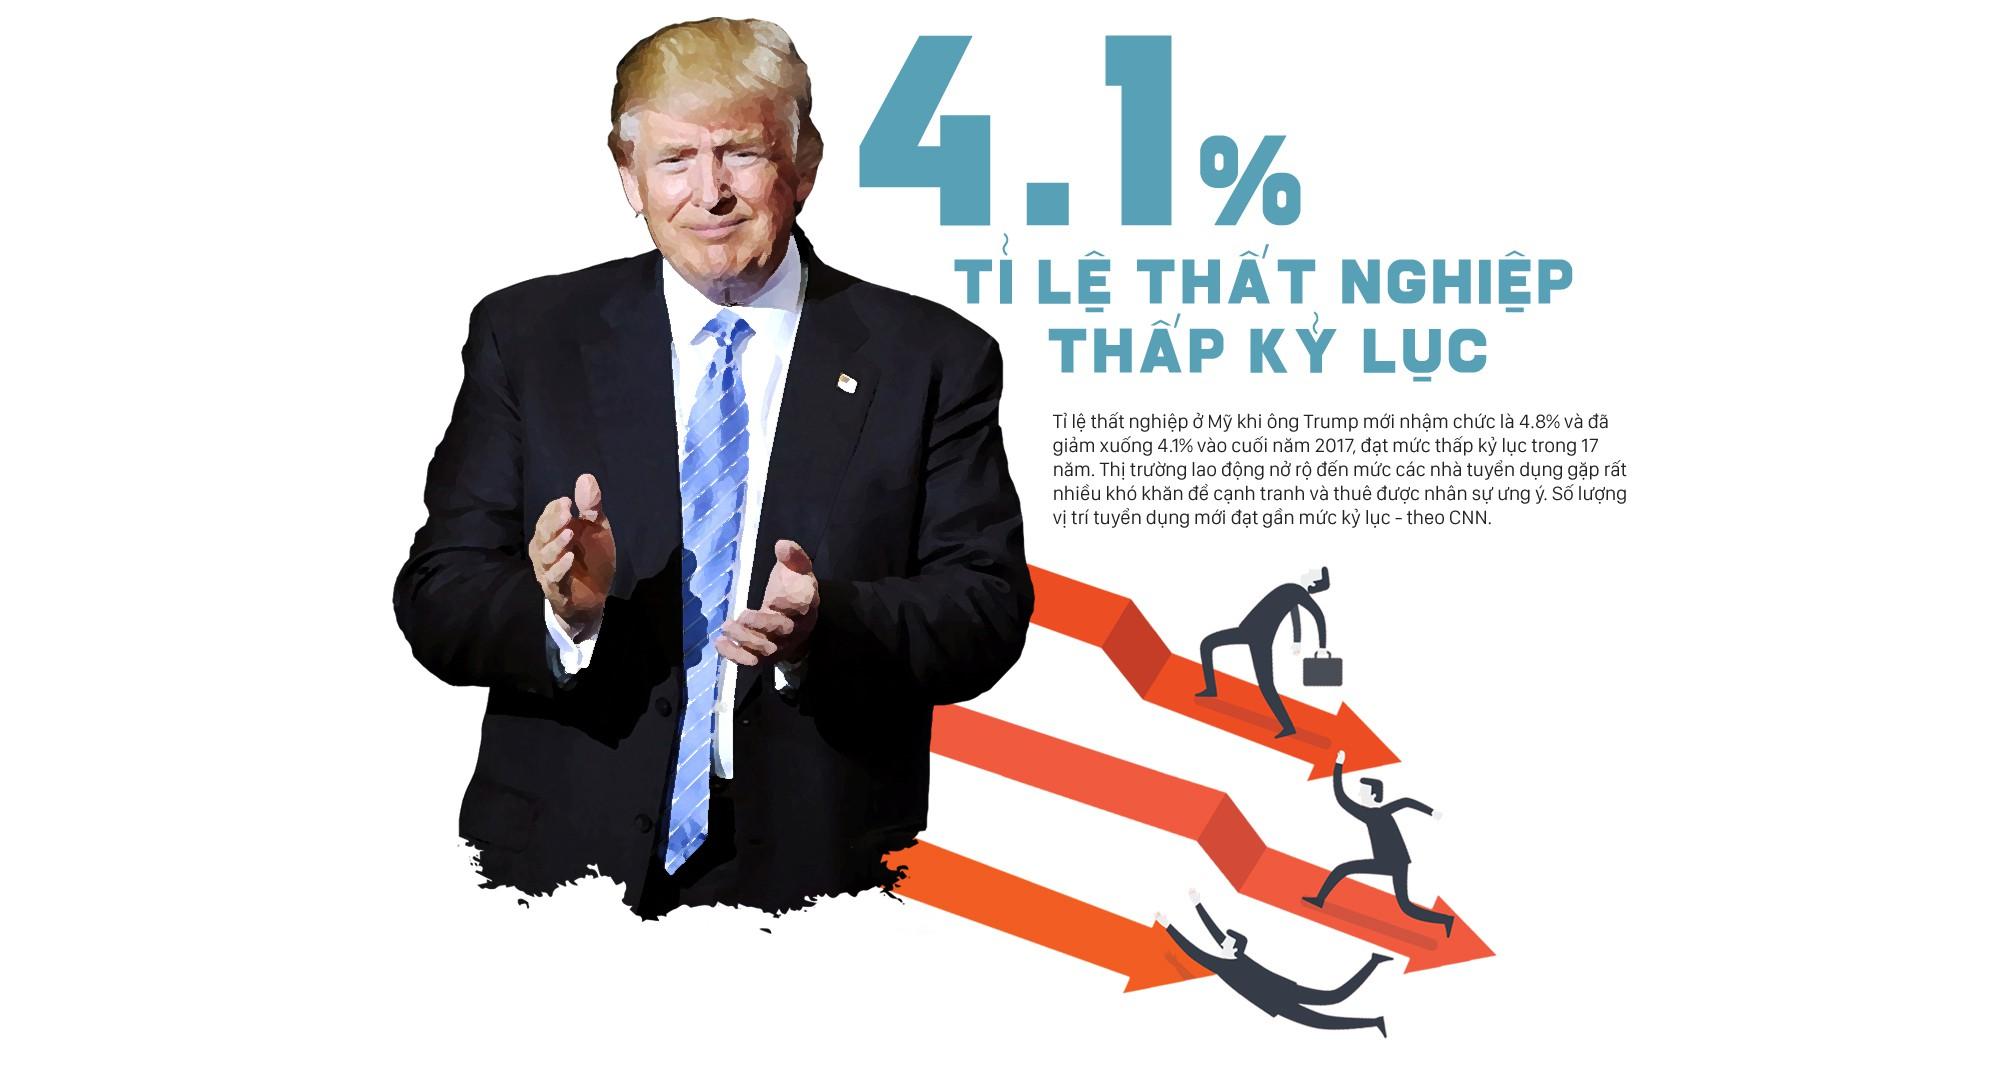 Năm đầu tiên trong Nhà Trắng của tổng thống Trump: Những con số kỷ lục đập tan tranh cãi - Ảnh 9.